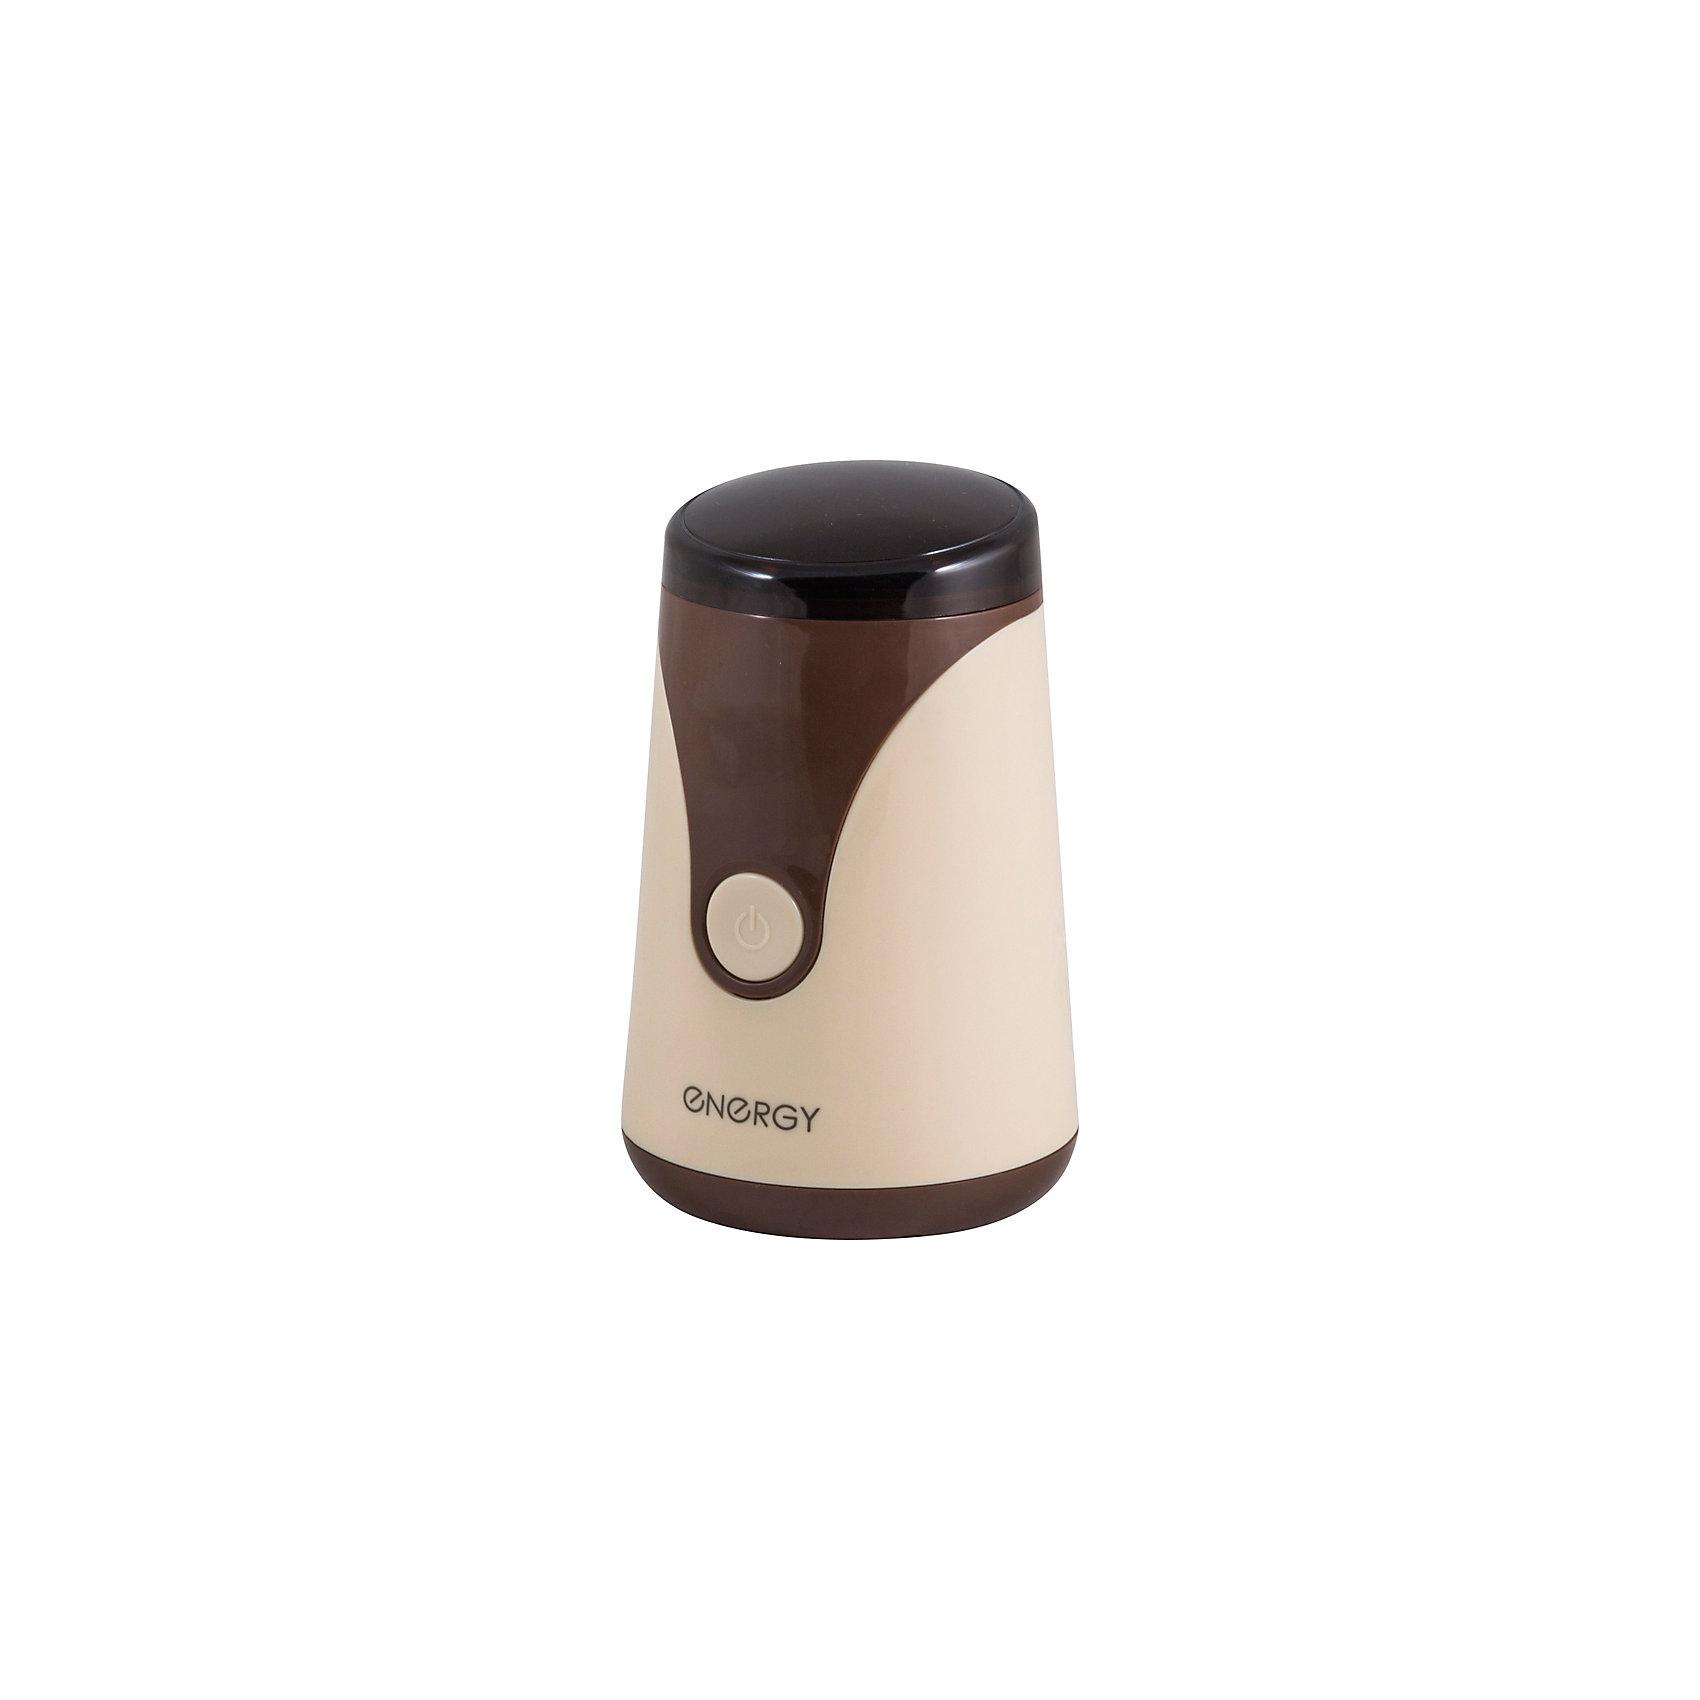 Кофемолка EN-106 цвет, ENERGY, коричневыйБытовая техника для кухни<br>Кофемолка EN-106, ENERGY (Энерджи), коричневый<br><br>Характеристики:<br><br>• ножи из нержавеющей стали<br>• импульсный режим работы<br>• защита от случайного включения<br>• емкость 50 грамм<br>• мощность: 150 Вт<br>• частота: 50 Гц<br>• напряжение: 220-240 В<br>• цвет: коричневый<br>• материал: металл, пластик, кабель<br><br>Каждый любитель свежесваренного кофе по достоинству оценит кофемолку EN-106 от ENERGY. Практичный и компактный дизайн позволяет удобно расположить кофемолку на кухне, не занимая большое пространство. Ножи изготовлены из нержавеющей стали. Чаша вмешает 50 грамм зернового кофе. Кофемолка оснащена защитой от случайного включения. Мощность кофемолки - 150 Вт.<br><br>Кофемолку EN-106, ENERGY (Энерджи), коричневый вы можете купить в нашем интернет-магазине.<br><br>Ширина мм: 130<br>Глубина мм: 130<br>Высота мм: 190<br>Вес г: 768<br>Возраст от месяцев: 216<br>Возраст до месяцев: 1188<br>Пол: Унисекс<br>Возраст: Детский<br>SKU: 5454012